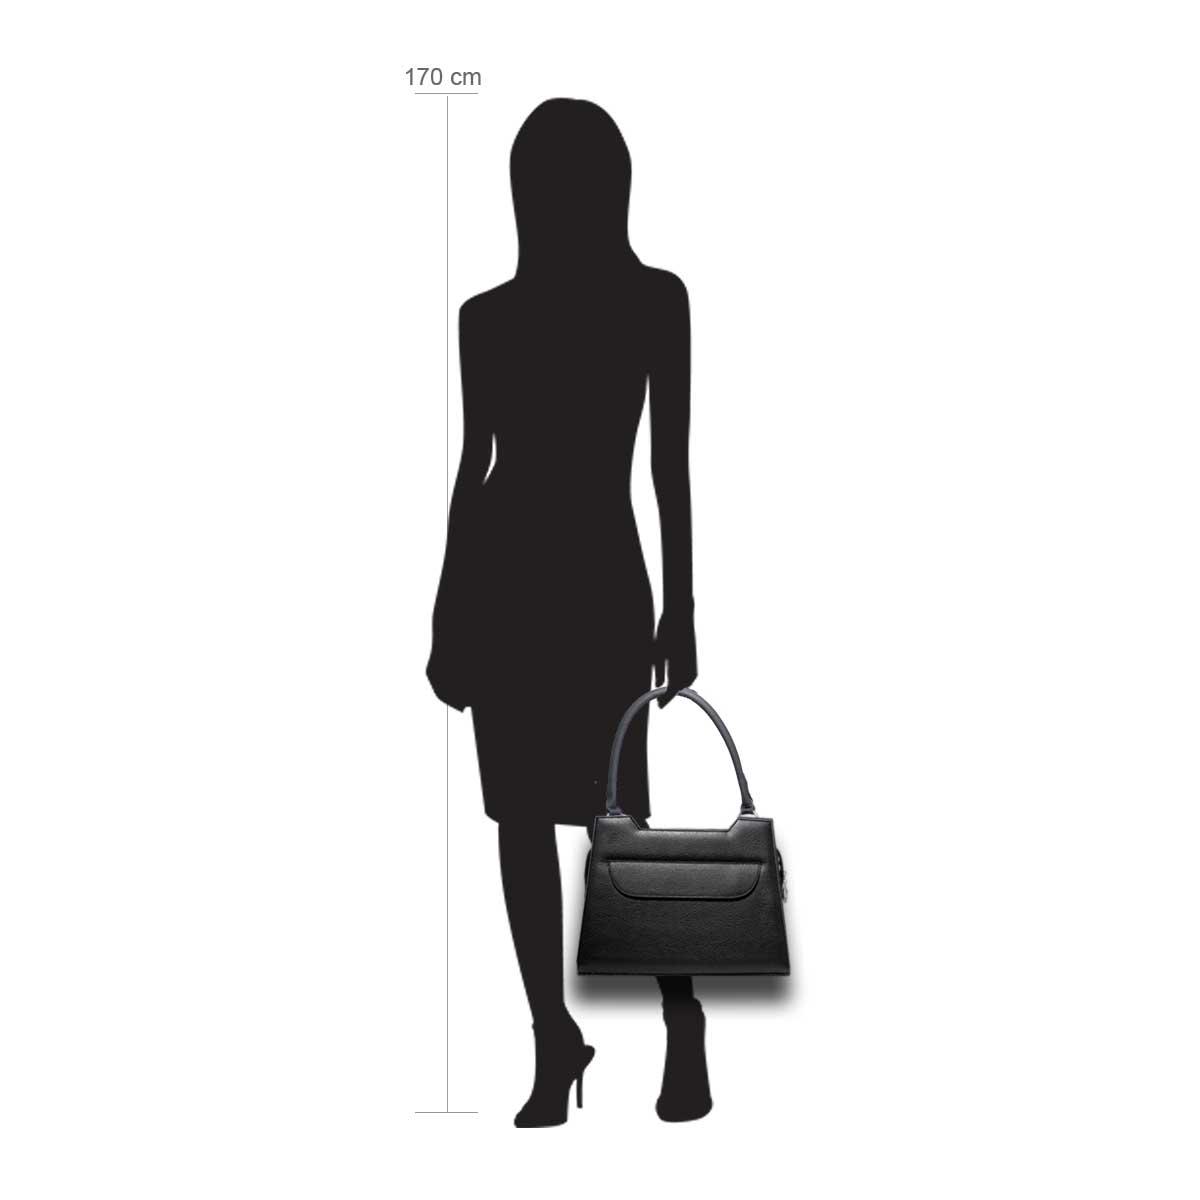 Puppe 170 cm groß zeigt die Taschengröße an . Modell: Lissabon schwarz